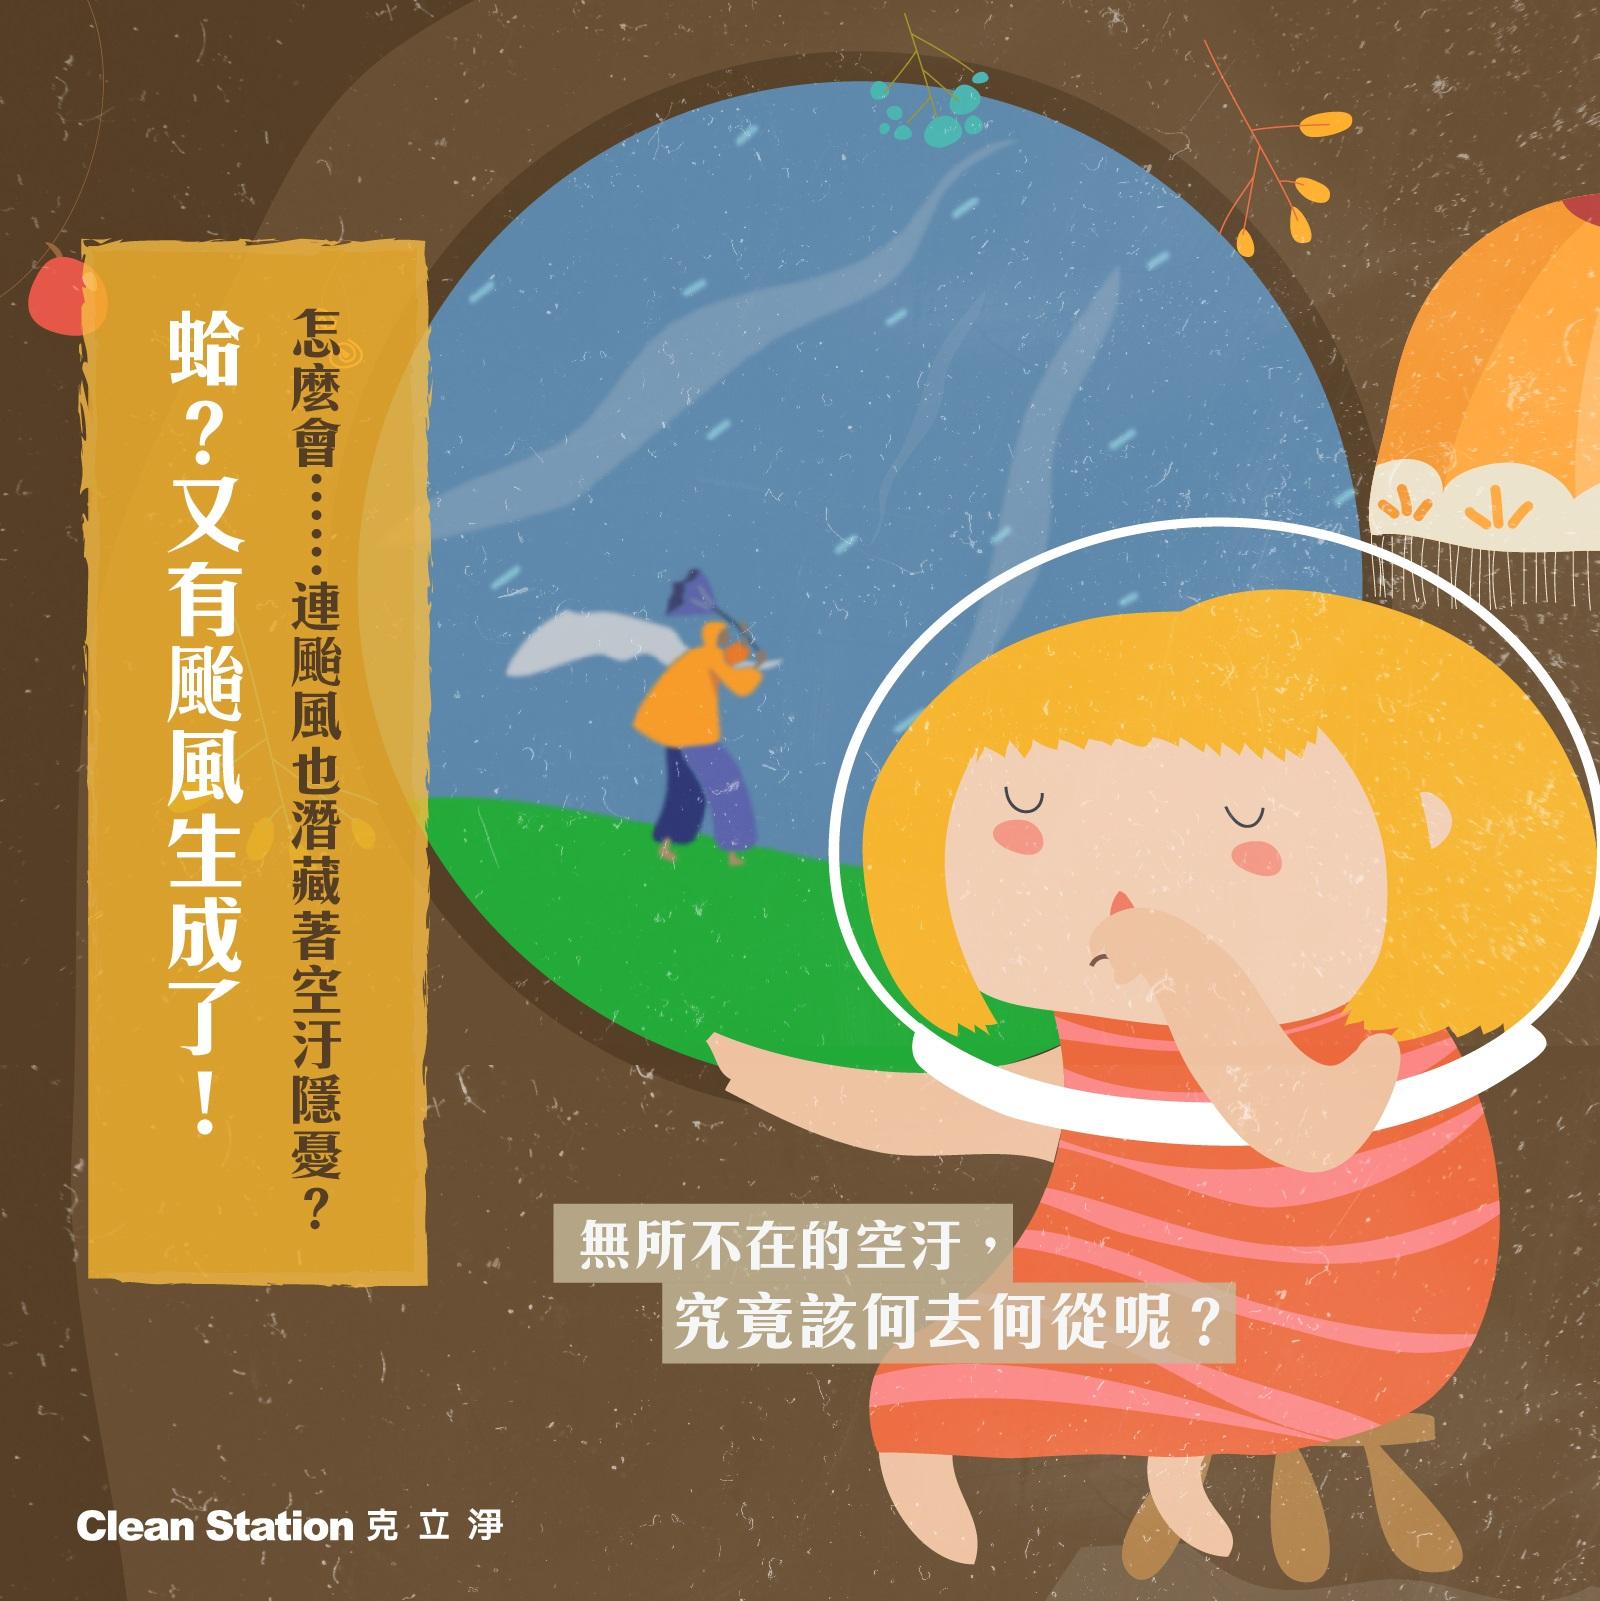 藏匿在颱風背後的空氣品質隱憂_20190829